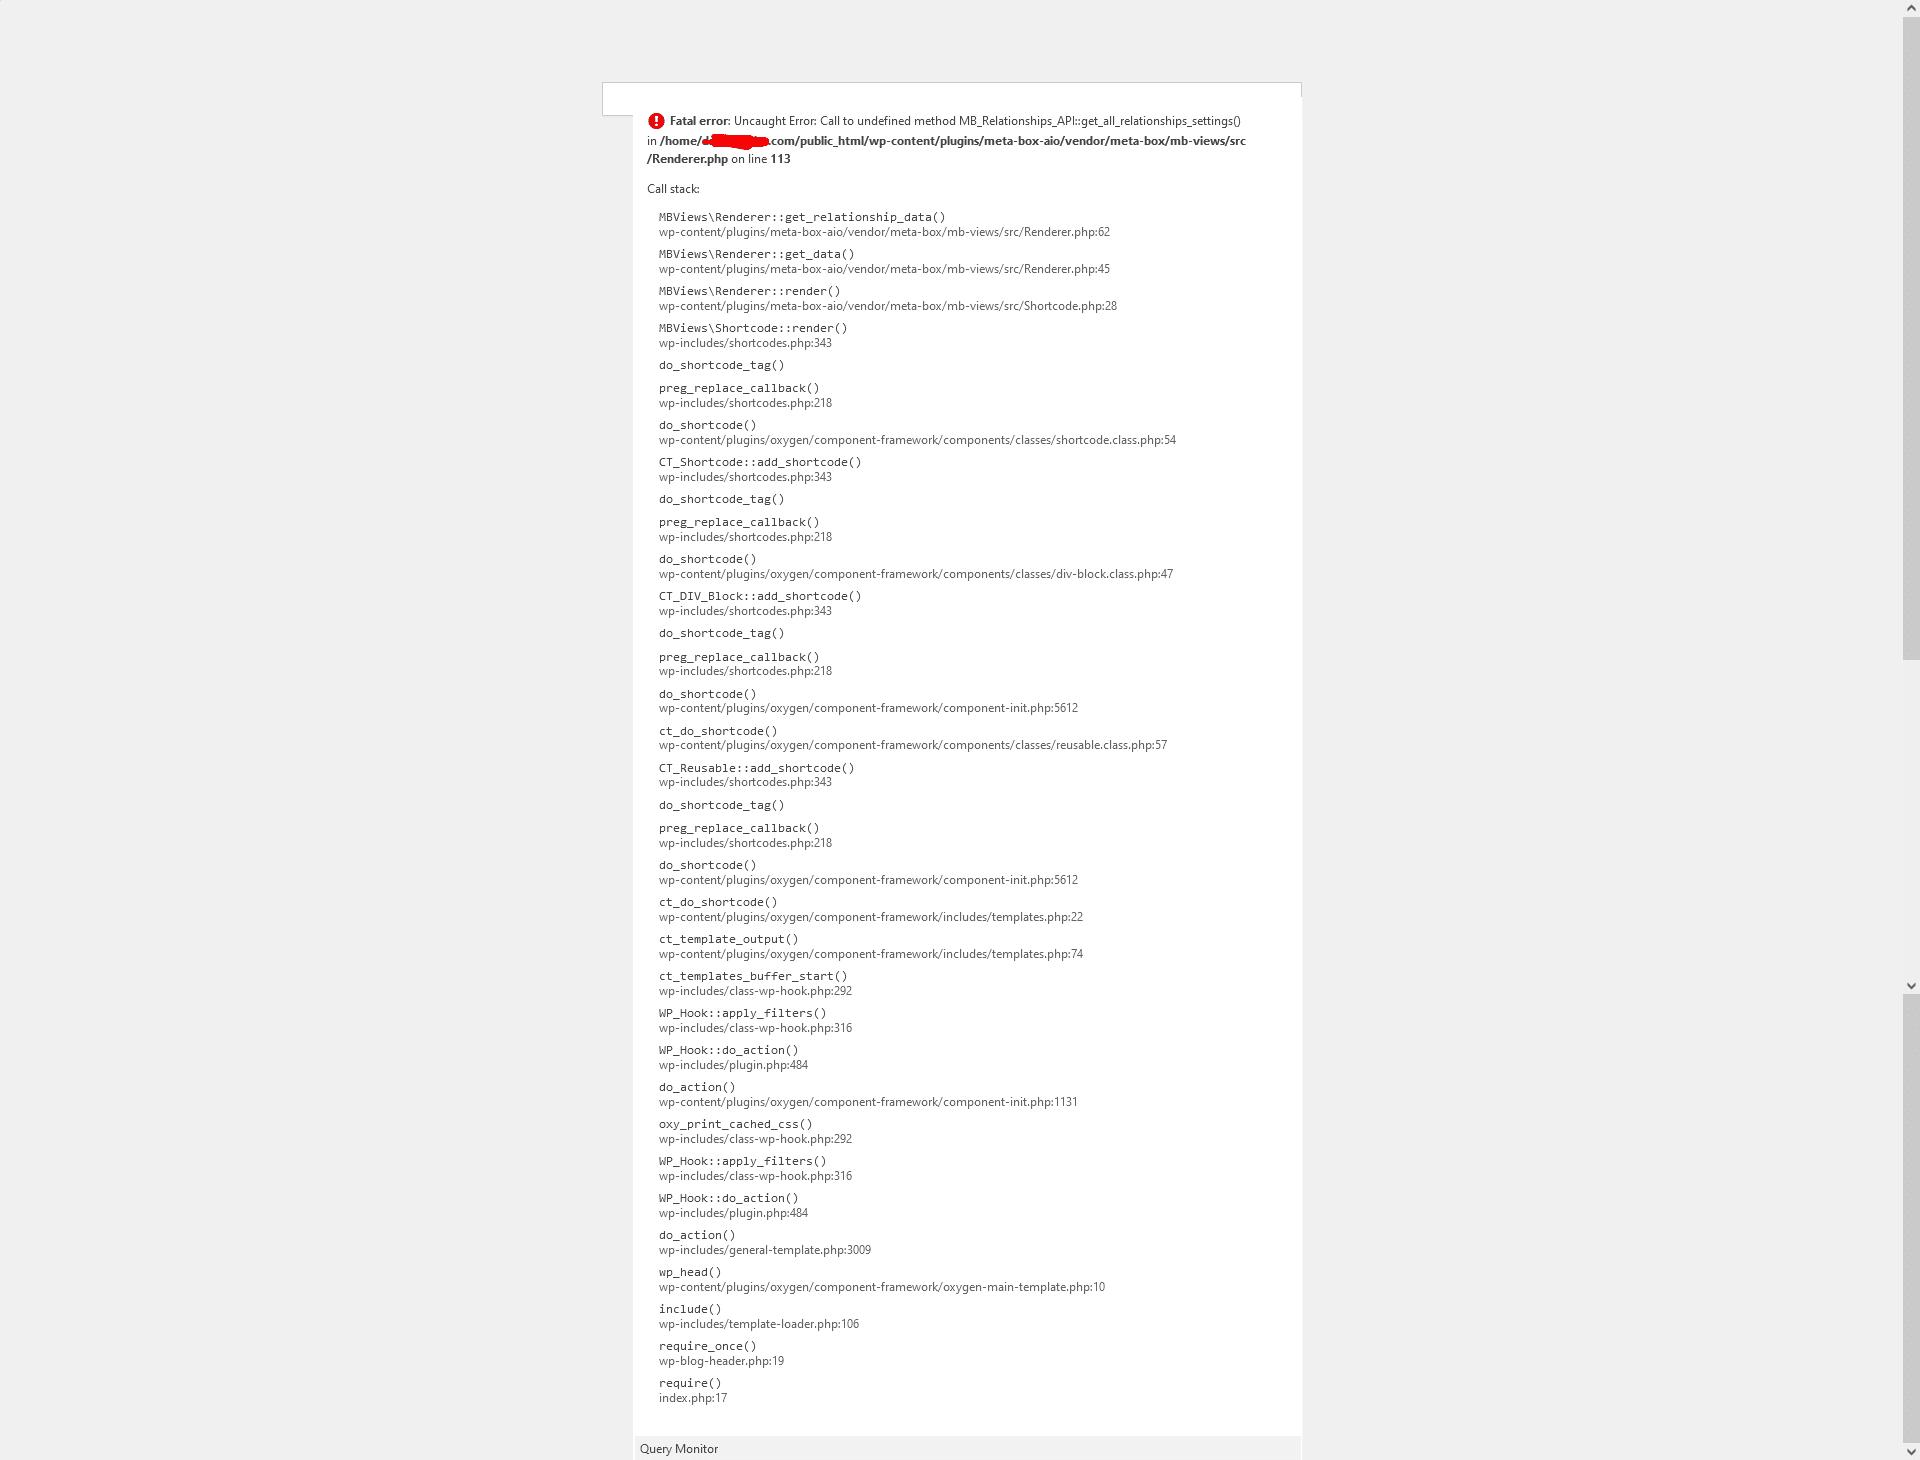 https://cdn-std.droplr.net/files/acc_604568/3PMOAC